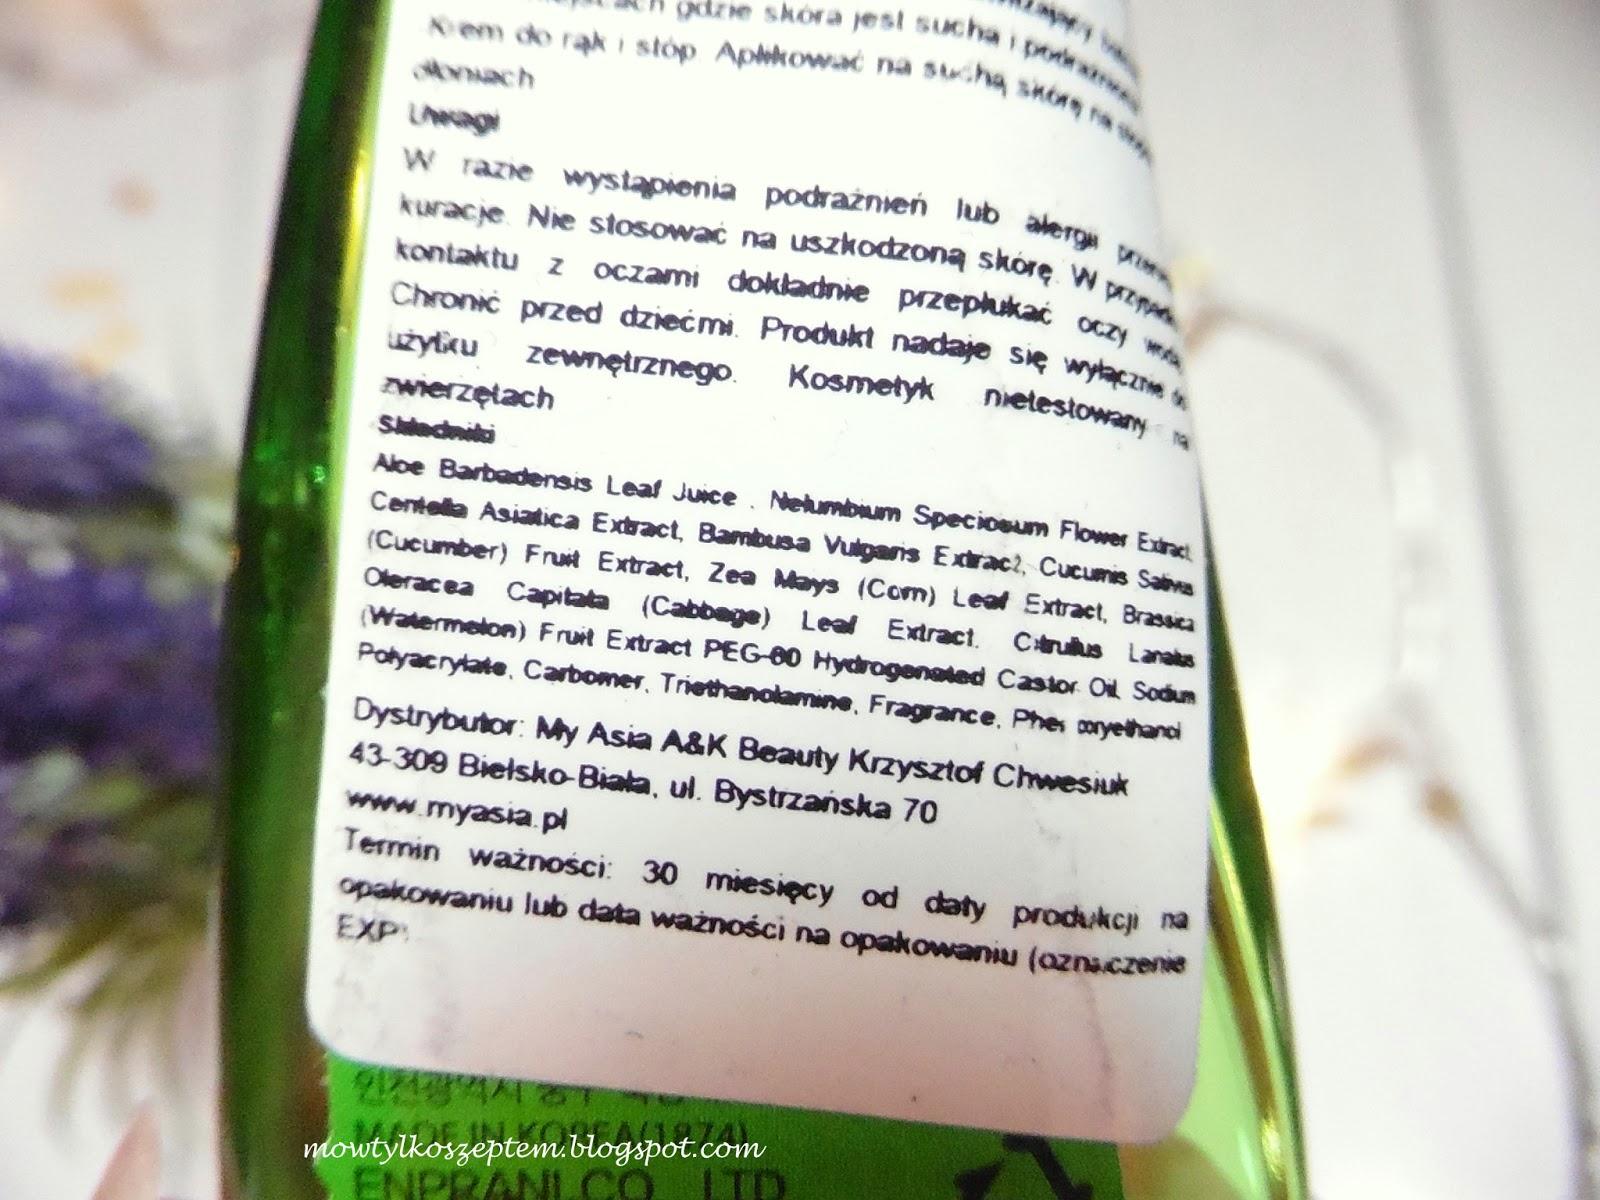 holika-holika-zel-aloesowy, zel-aloesowy-zastosowanie, aloes-w-pielegnacji